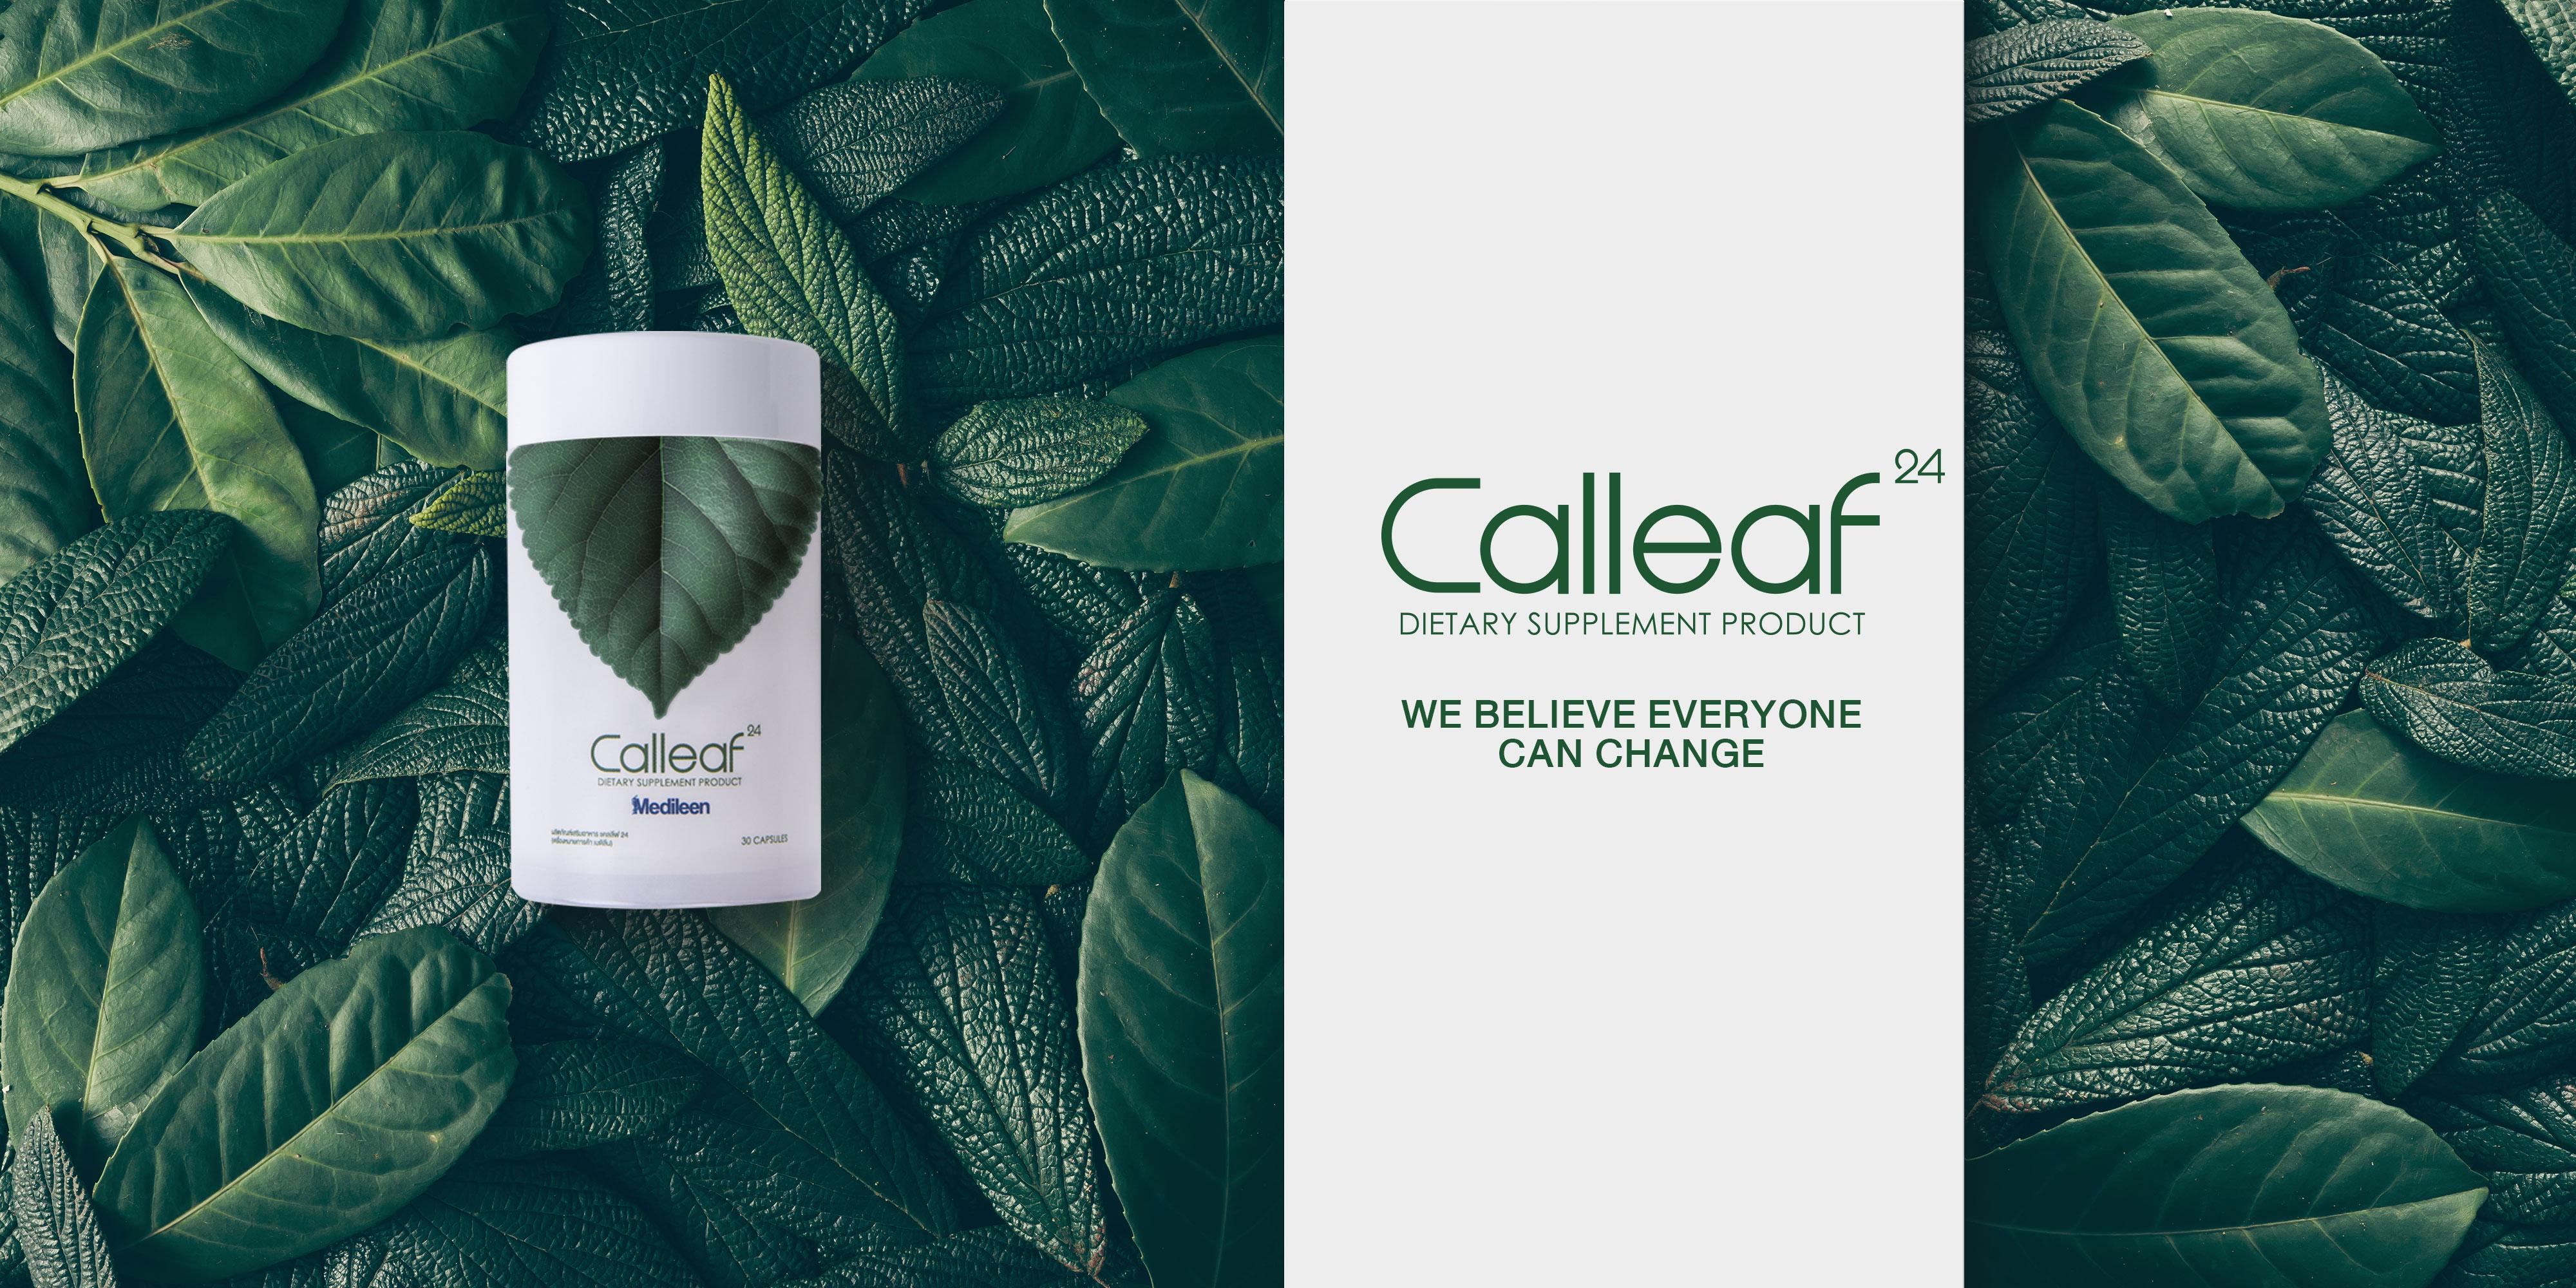 Calleaf 24